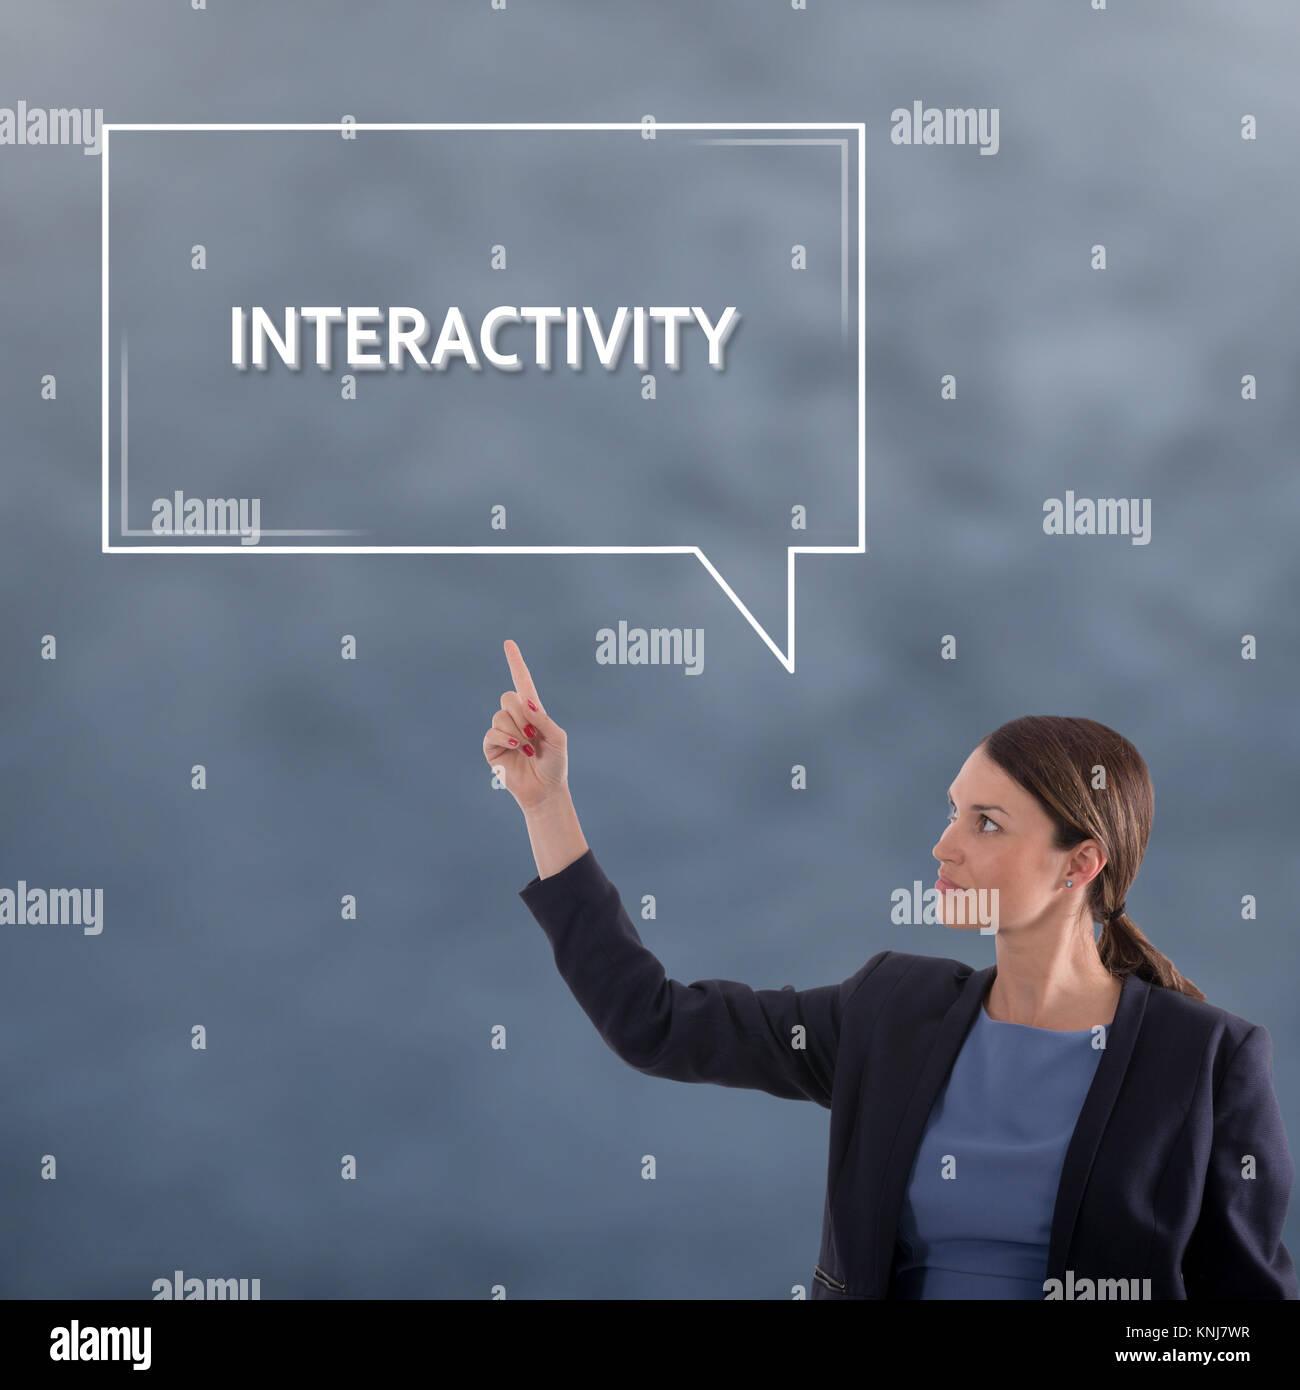 Concepto de negocio de interactividad. Mujer de negocios Concepto Gráfico Imagen De Stock